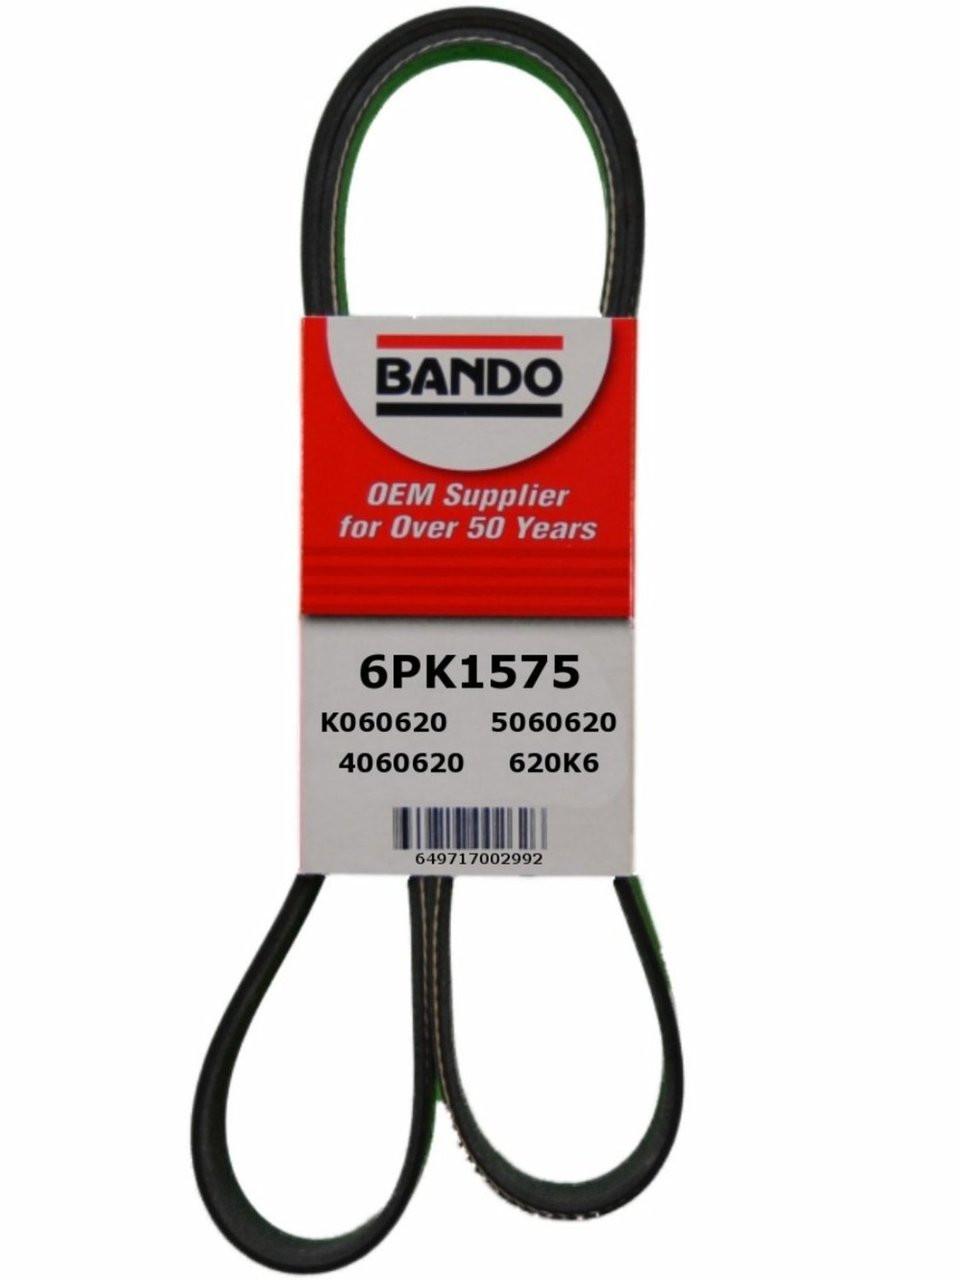 NAPA AUTOMOTIVE 25-060620 Replacement Belt